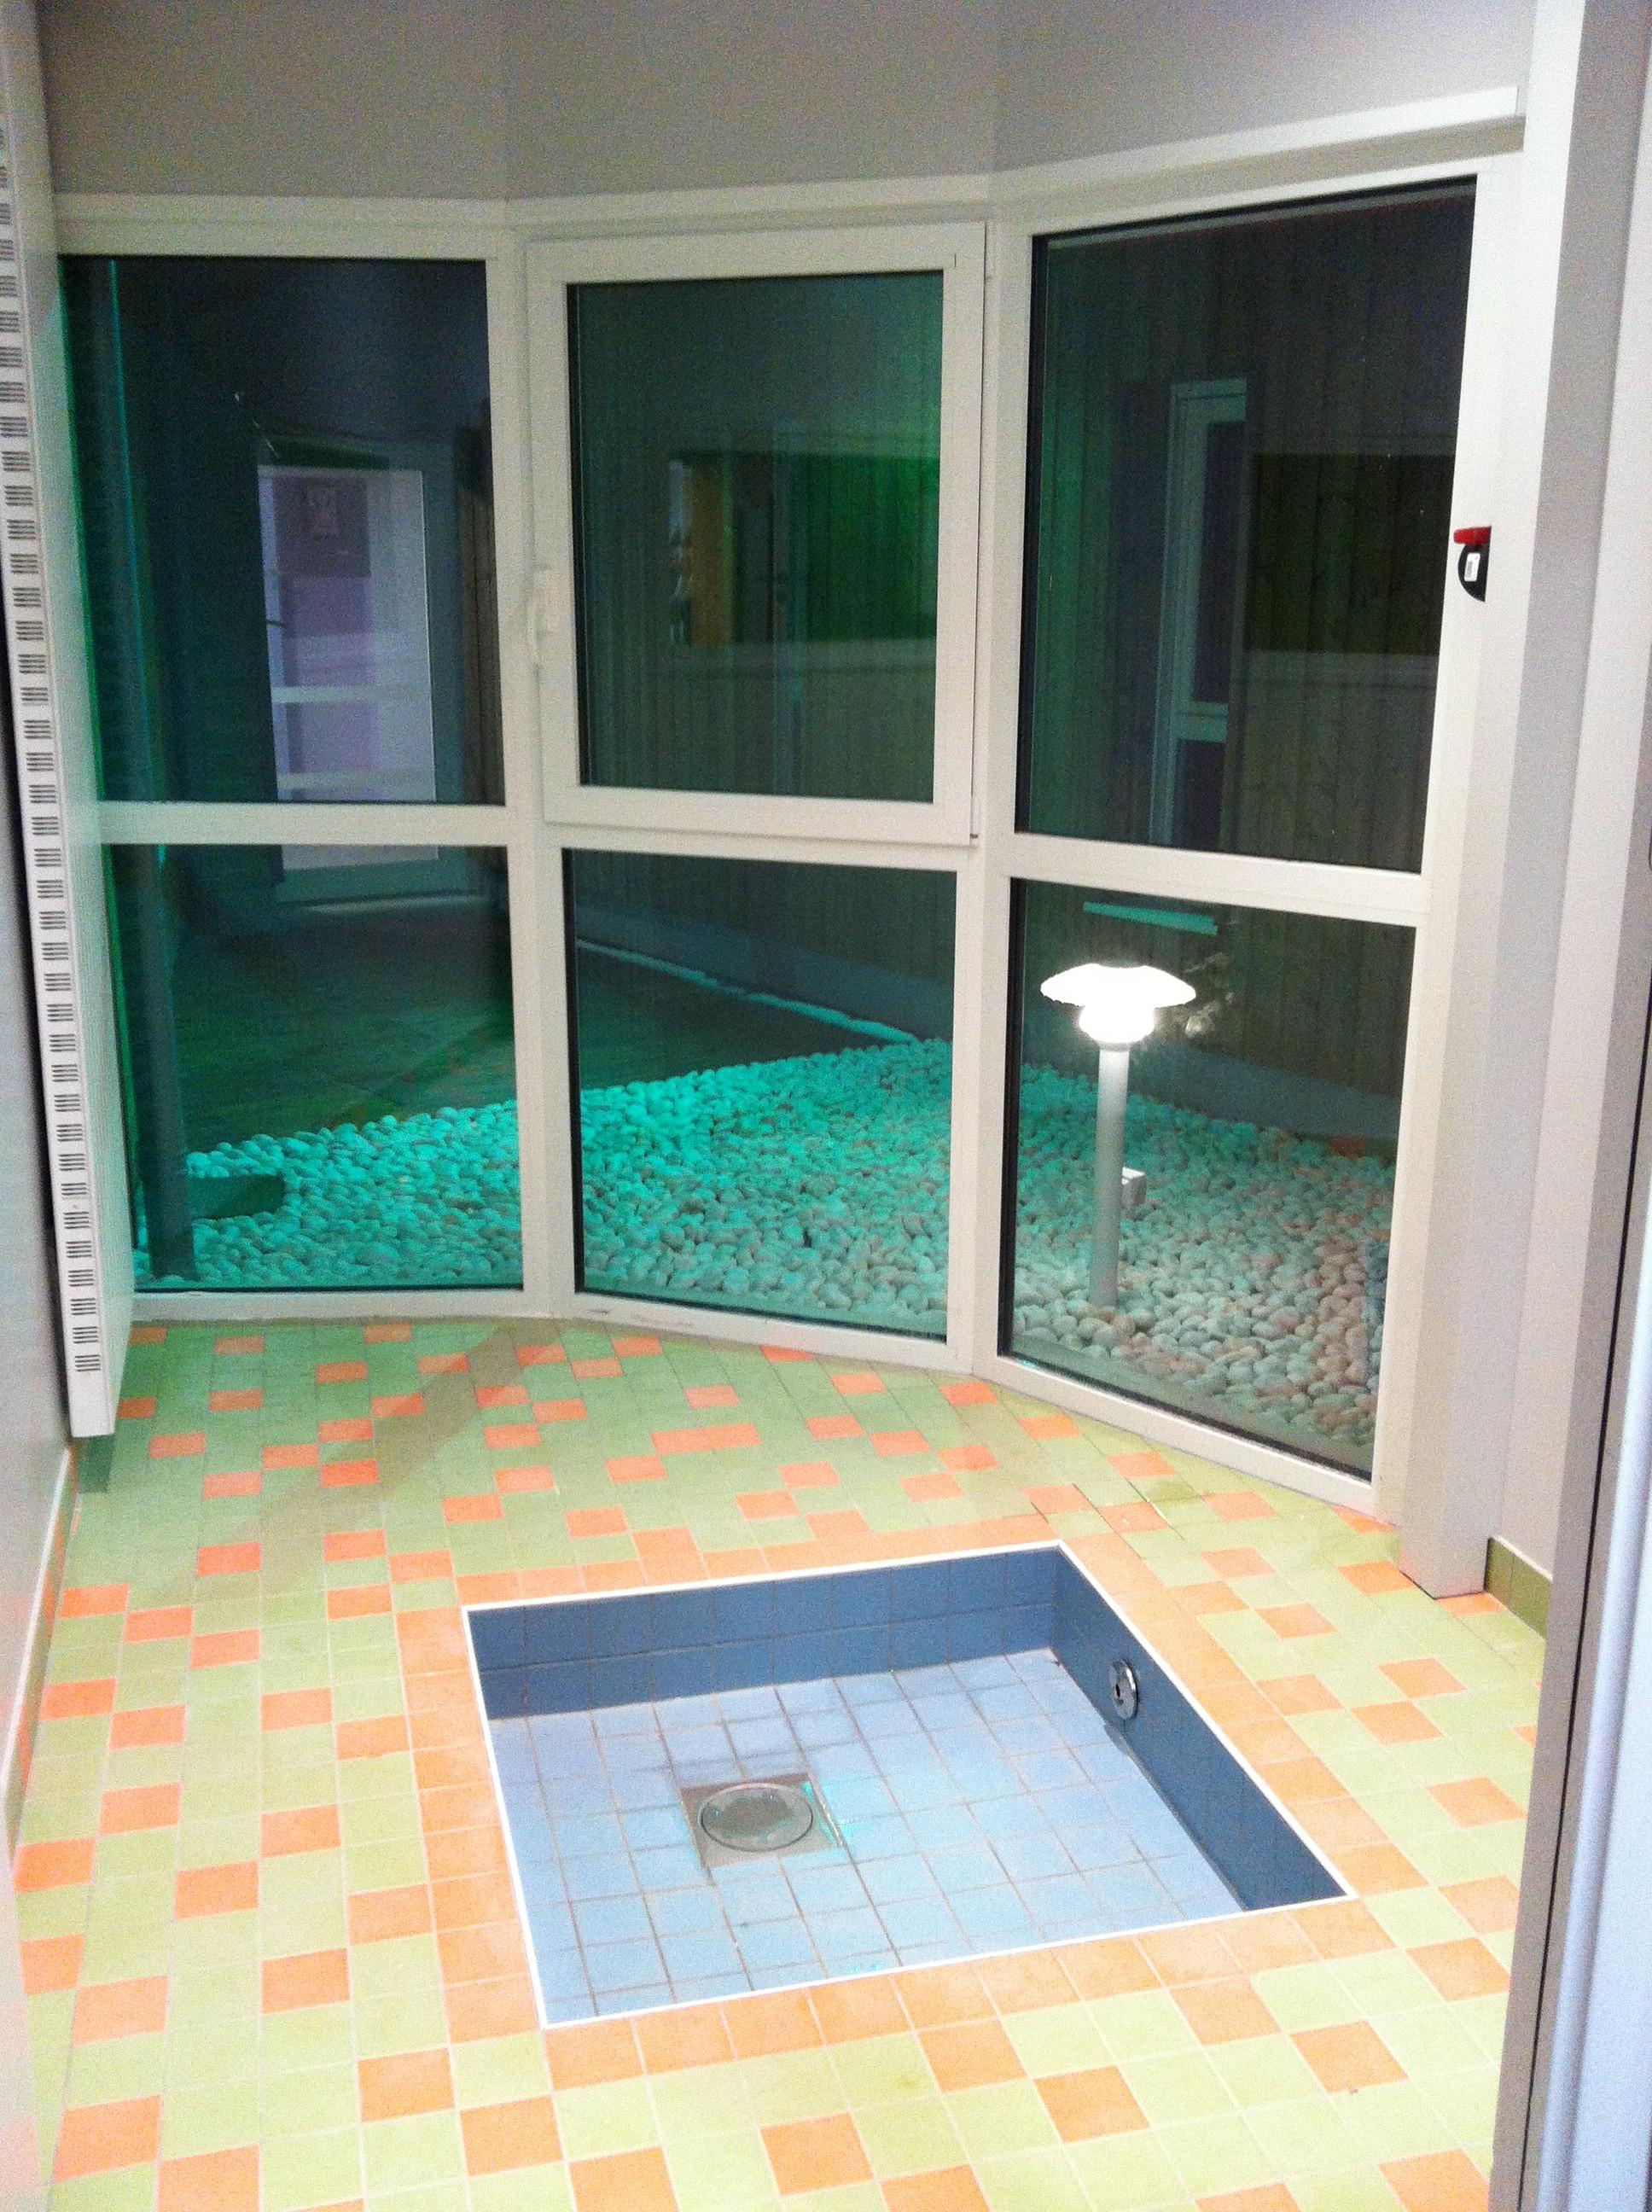 Salle de jeux d'eau